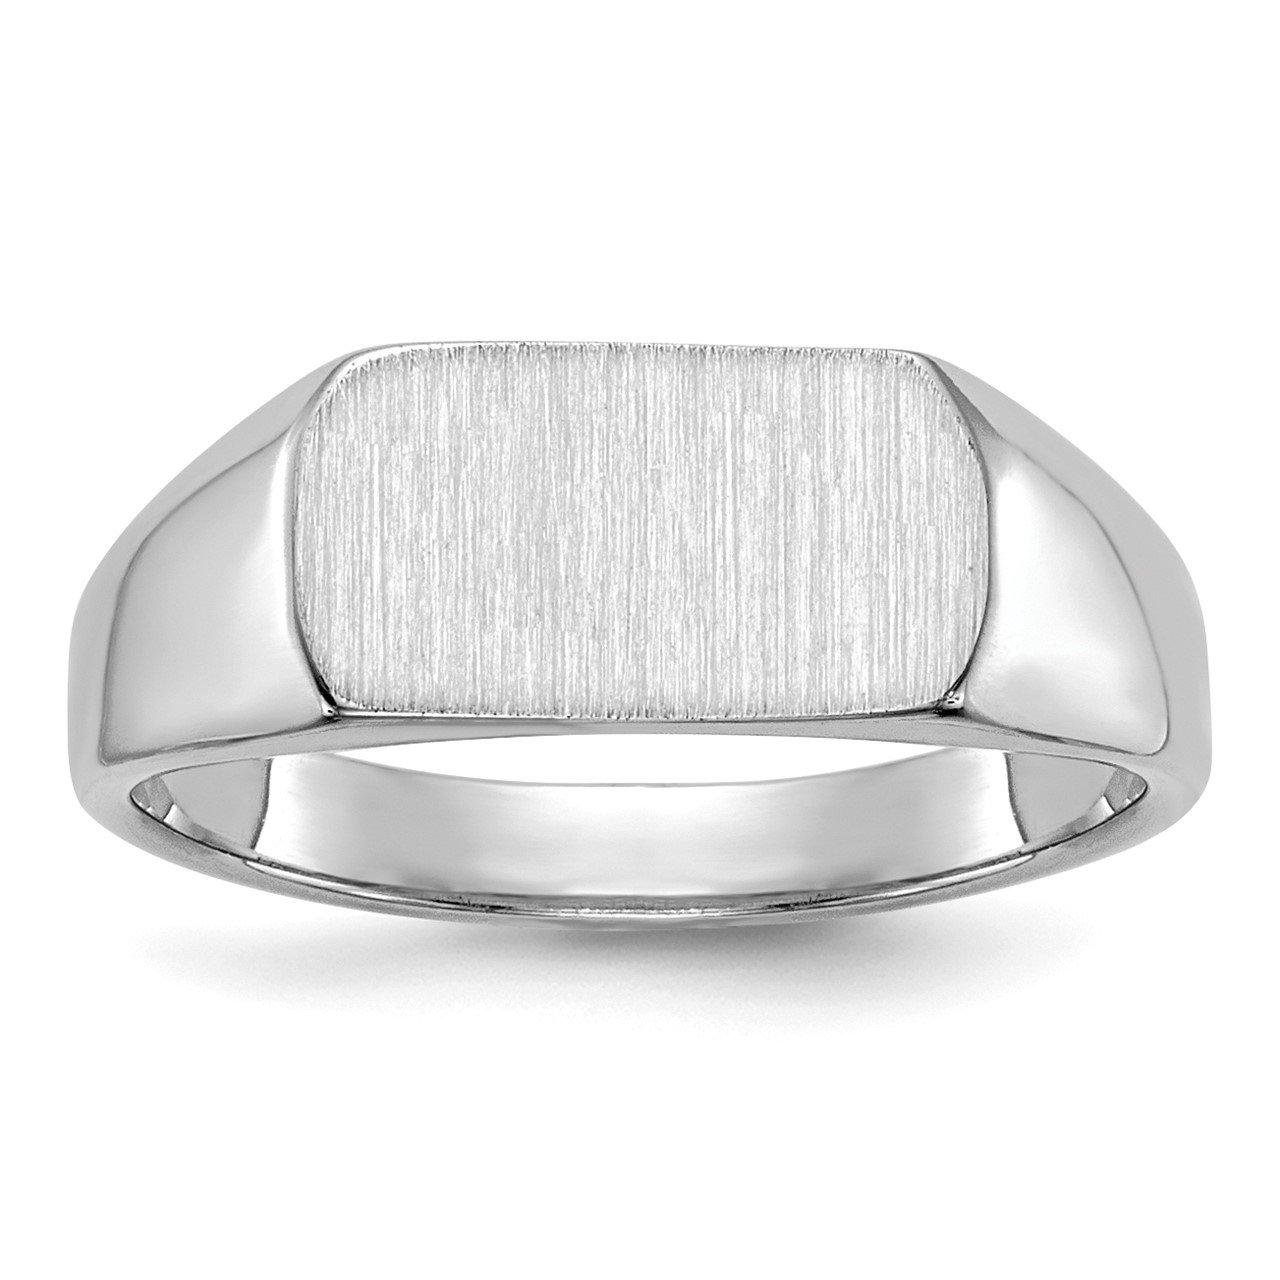 14k White Gold 10mmx6mm Open Back Signet Ring